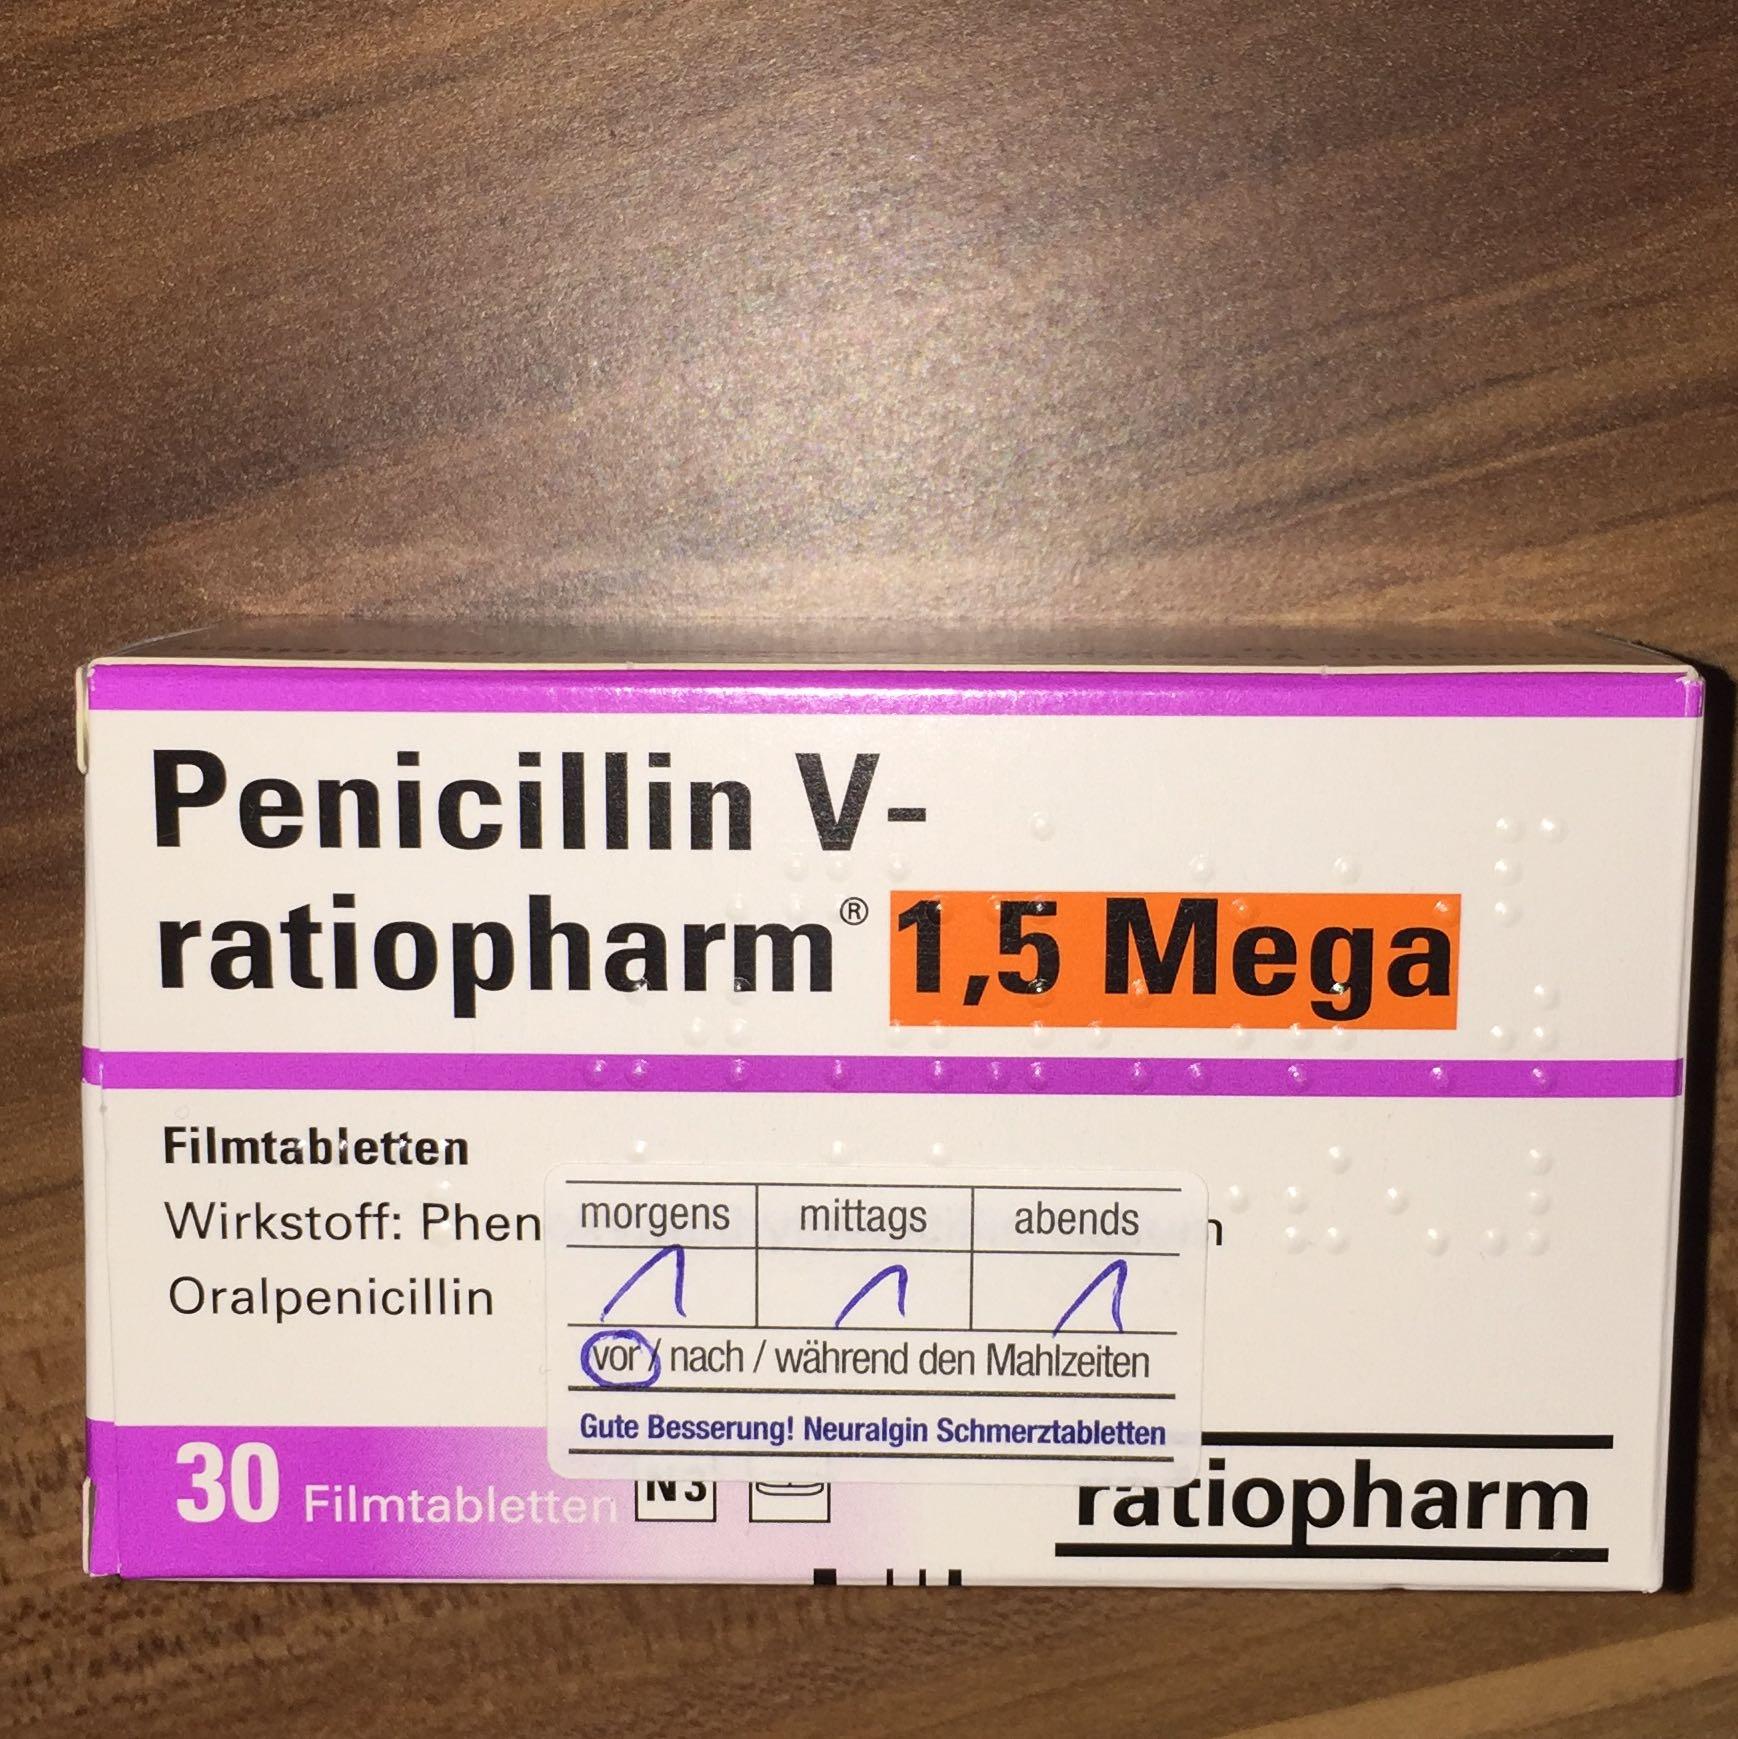 Antibiotika, pille, pillenpause, geschlechtsverkehr